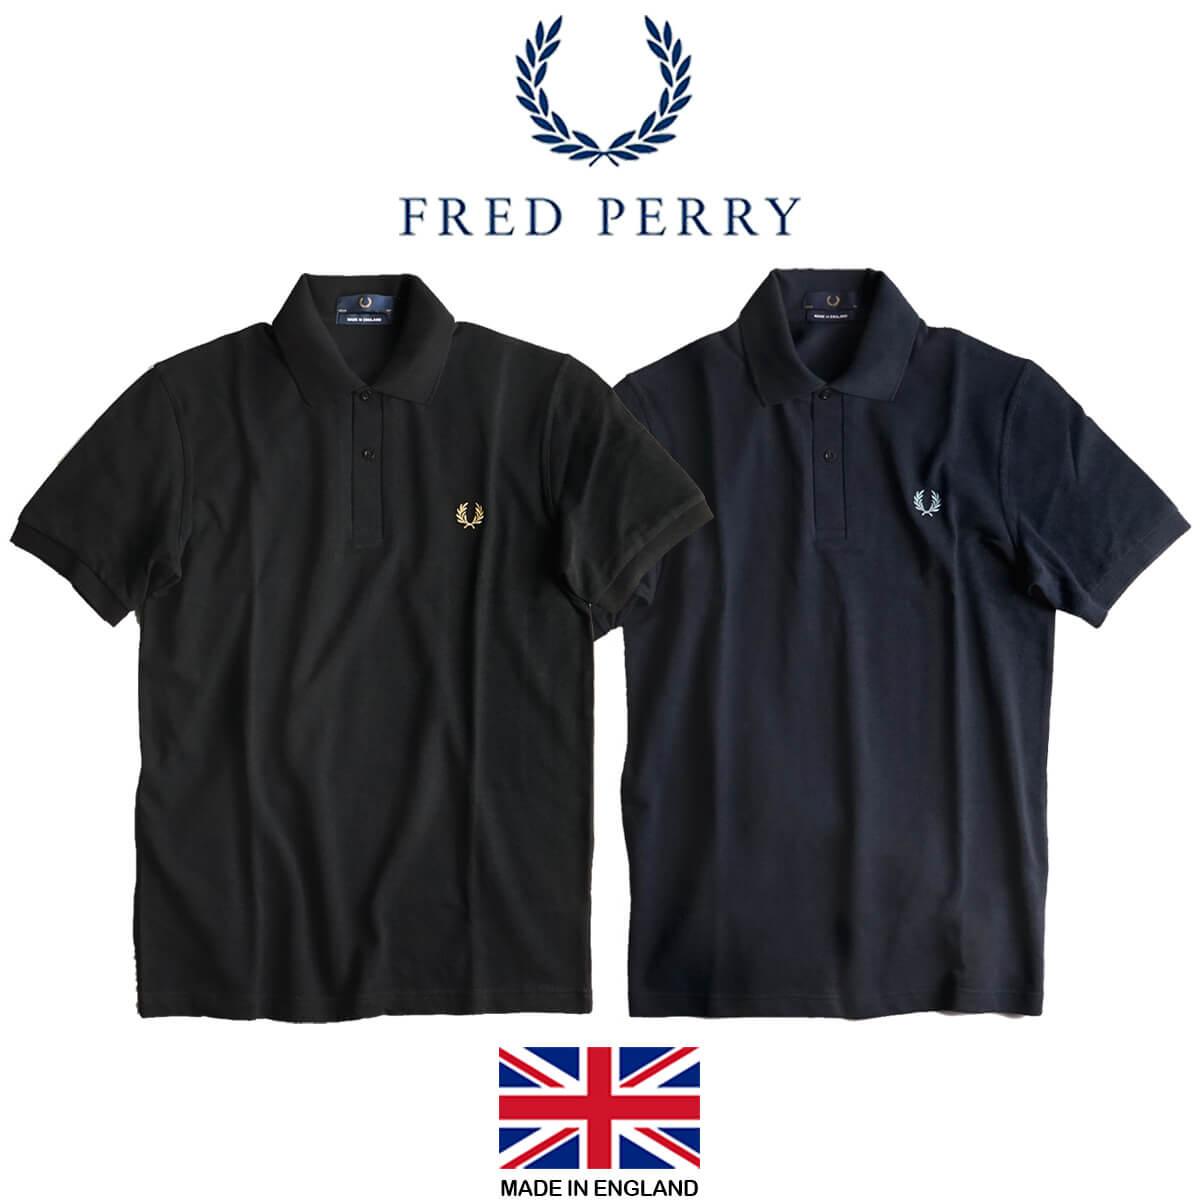 フレッドペリー FRED PERRY M3 オリジナル フレッドペリーシャツ 半袖 ポロシャツ(メンズ 36-46サイズ THE ORIGINAL SHIRT 英国製 イングランド製 鹿の子)